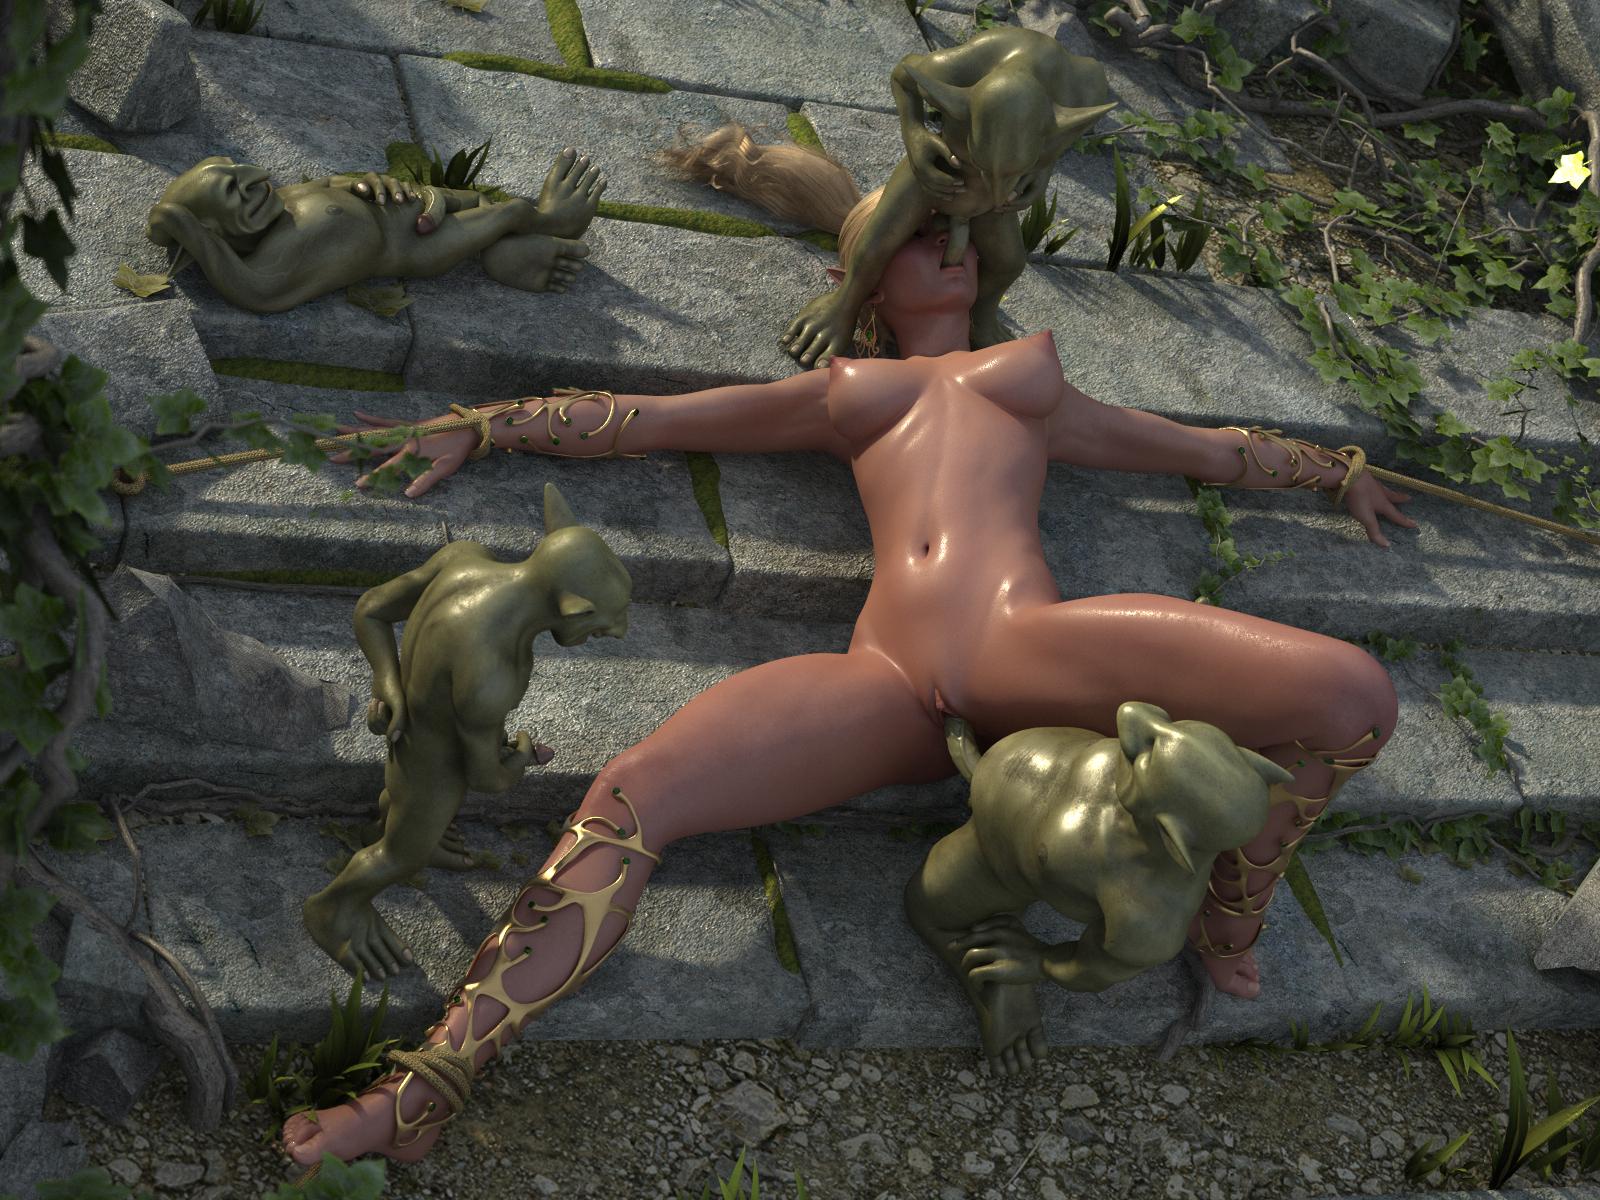 секс картинки с гоблинами мужа